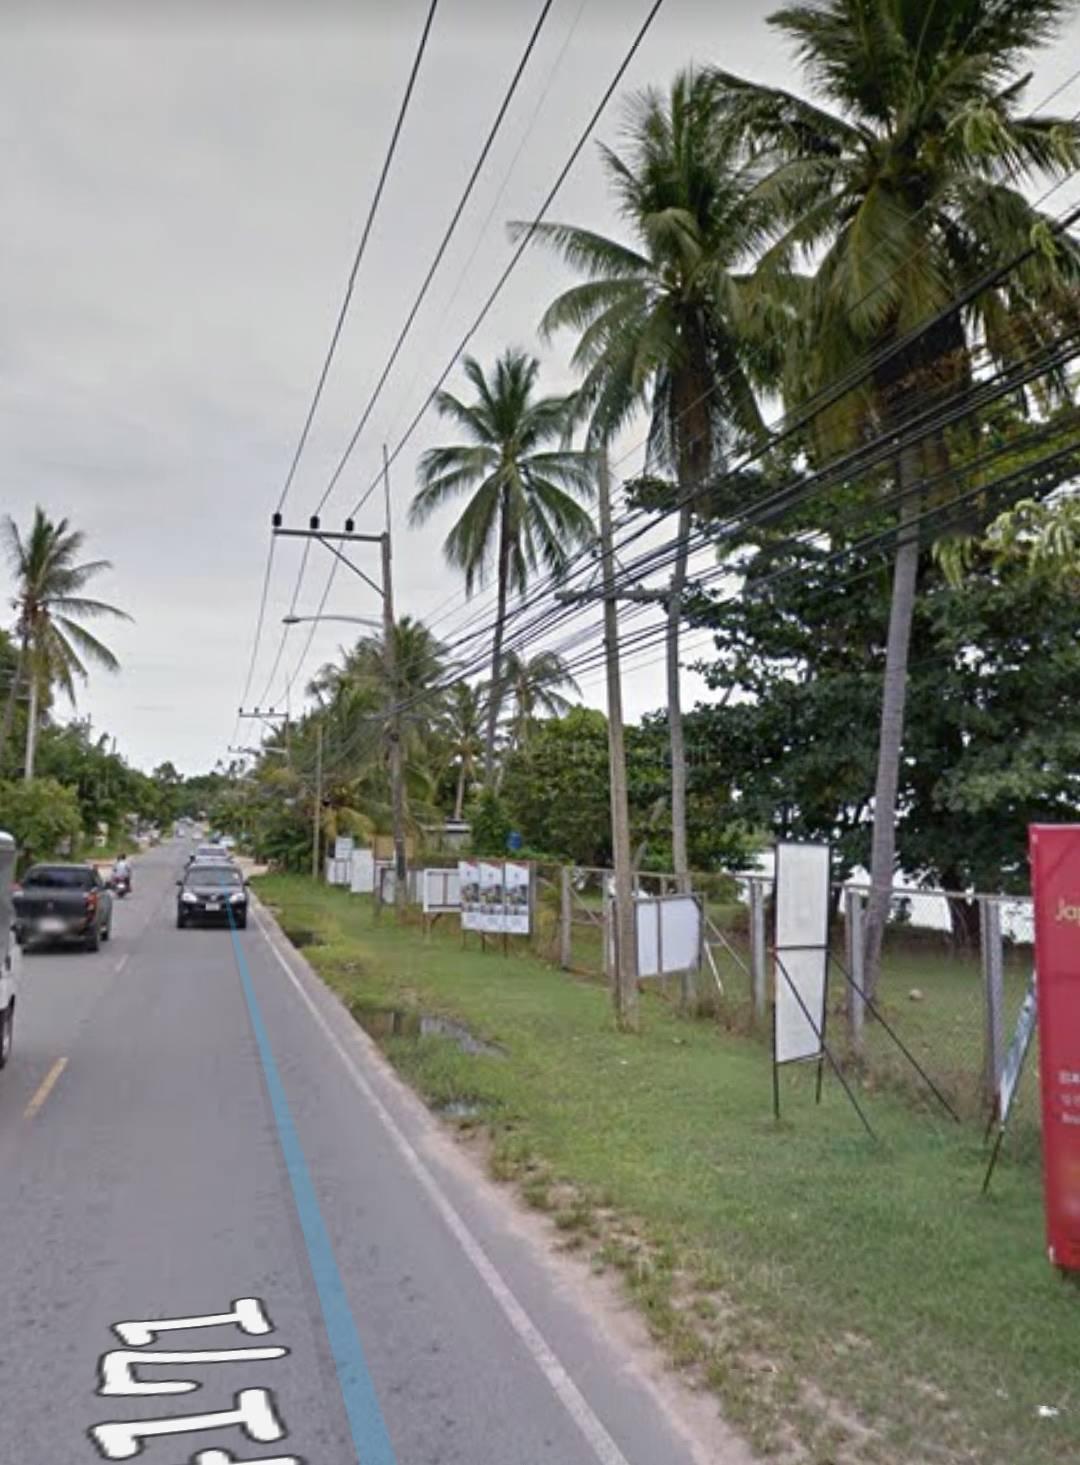 ขายที่ดินติดหาดบางส่วน จำนวน 265 ไร่. แบ่งขายไร่ละ 8 ล้าน เกาะสมุย